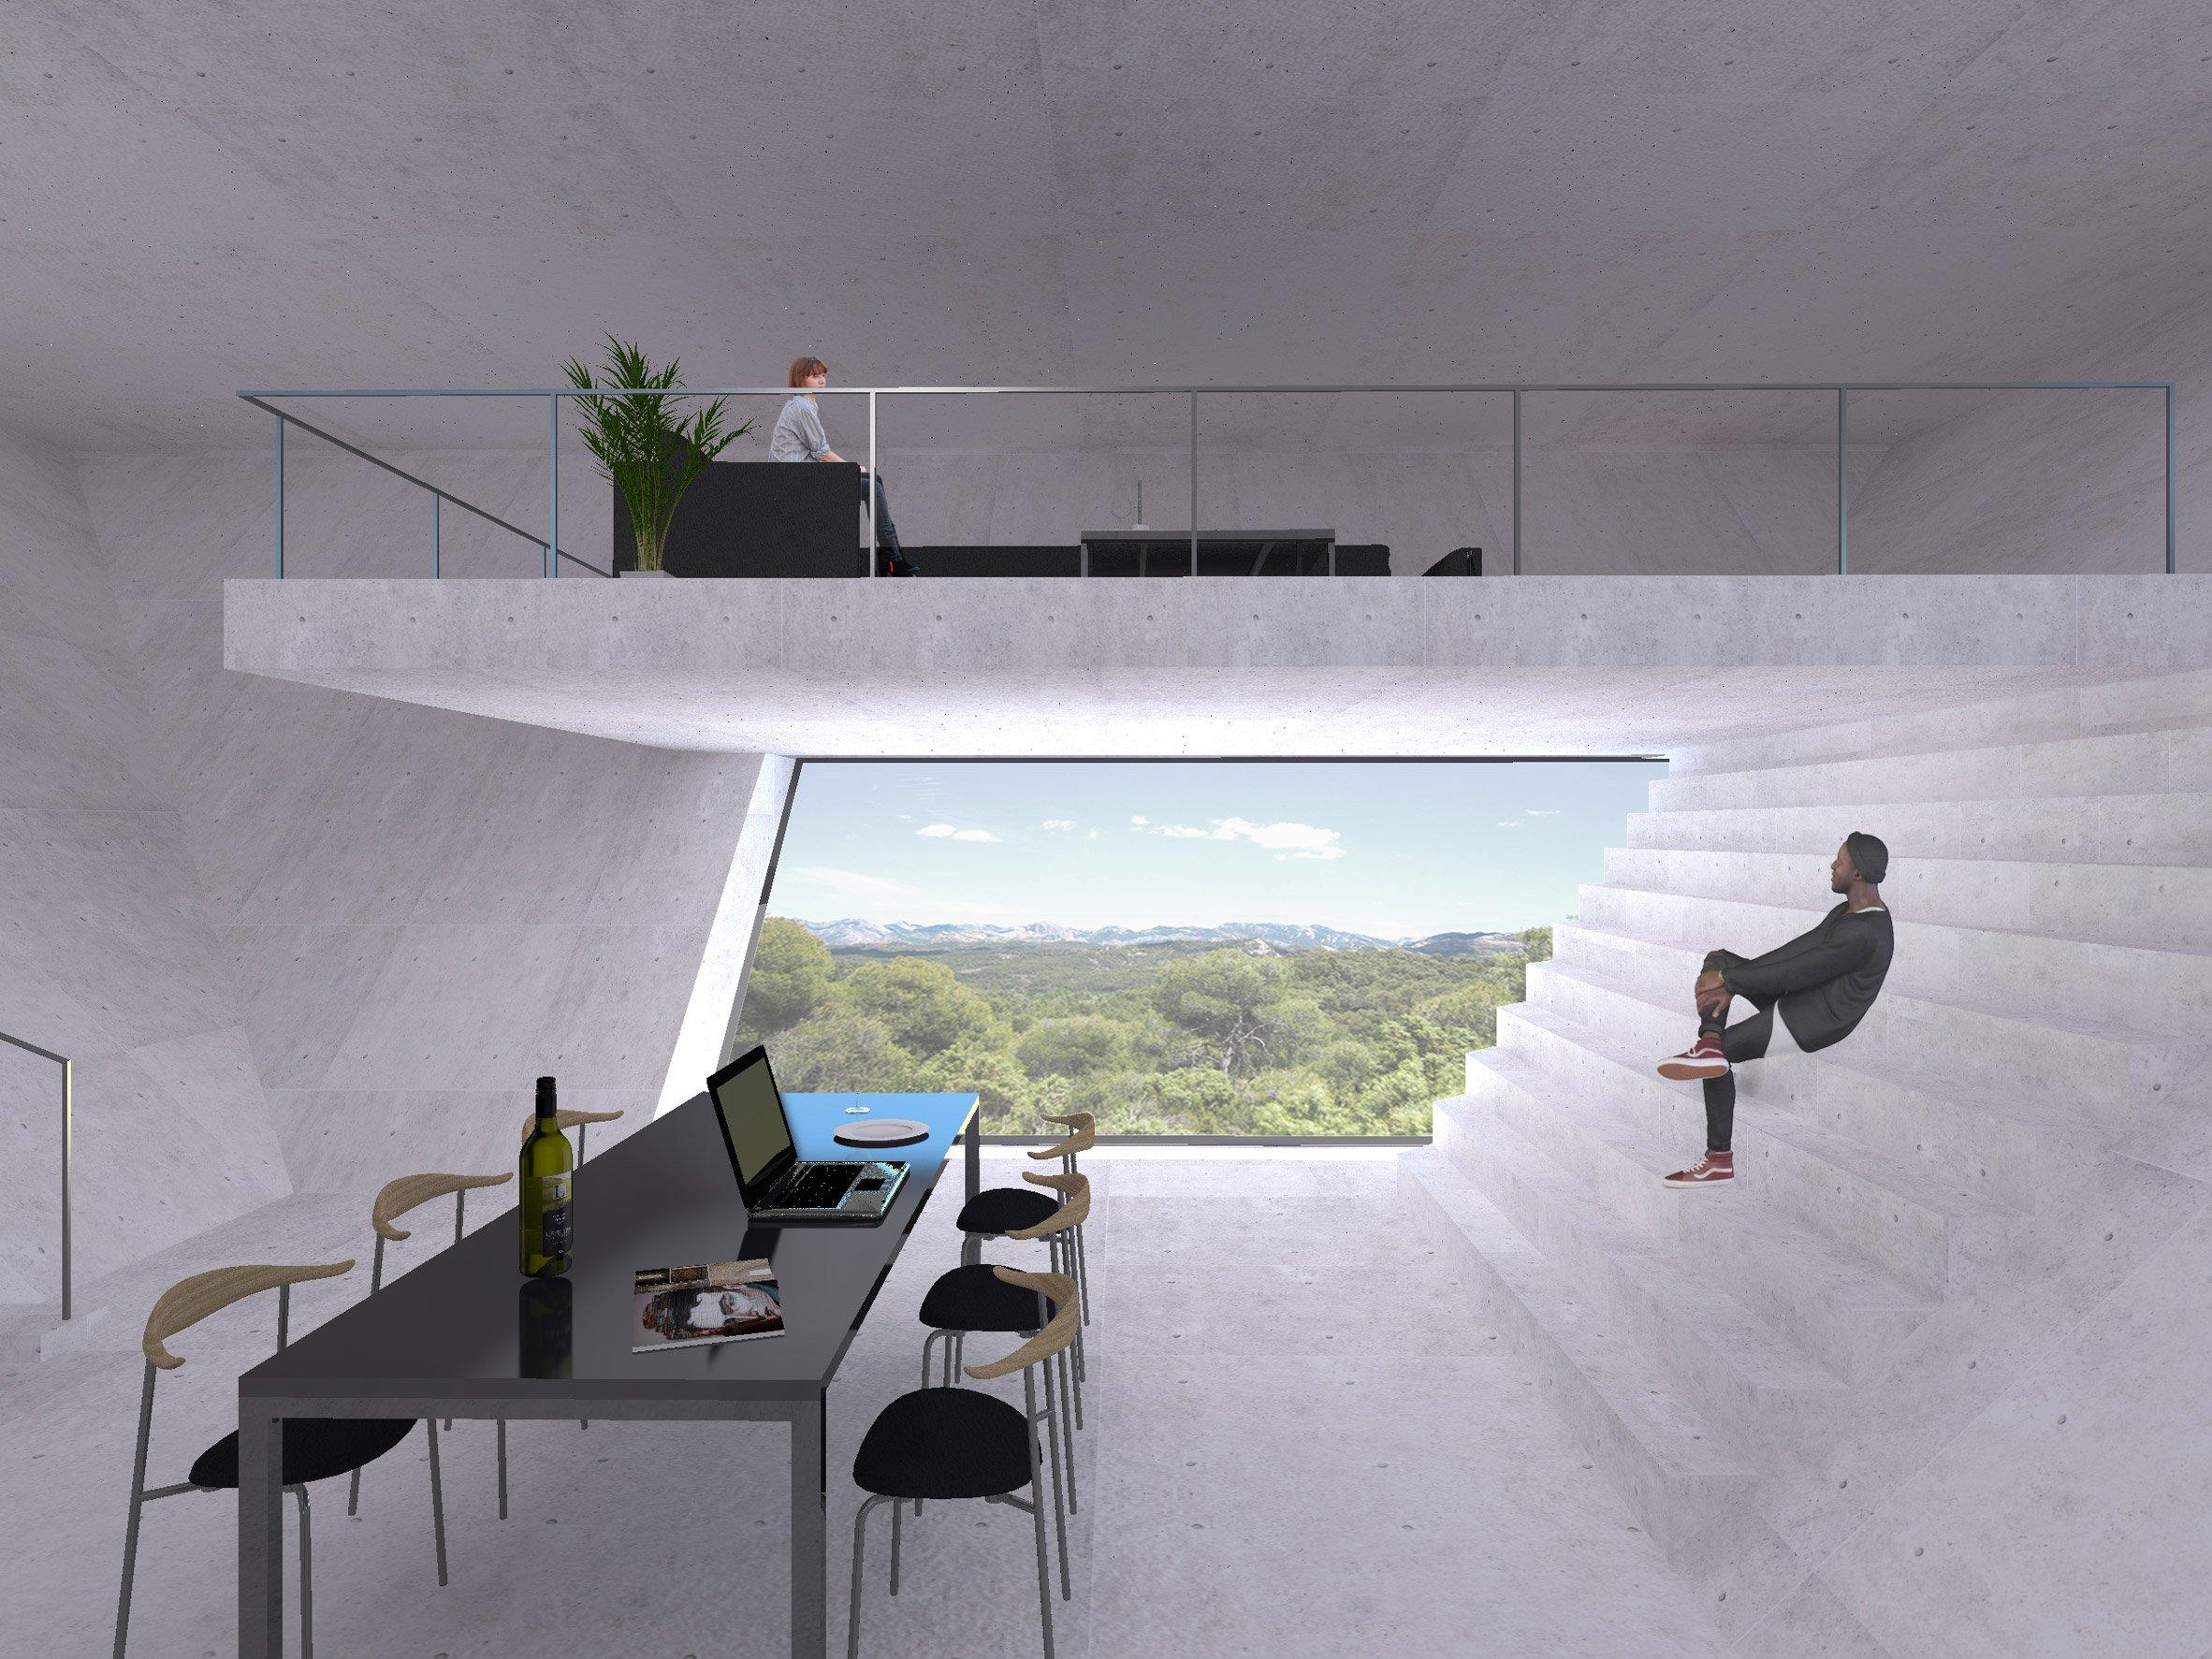 solo-house-tna-architects-tokyo-concrete-pyramid-architecture_dezeen_2364_col_0